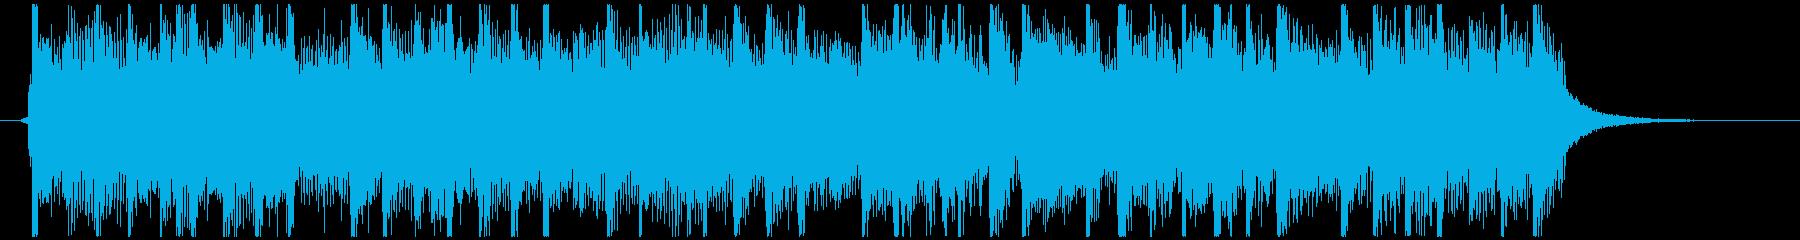 ダンス調のシンセとギターバンドのジングルの再生済みの波形